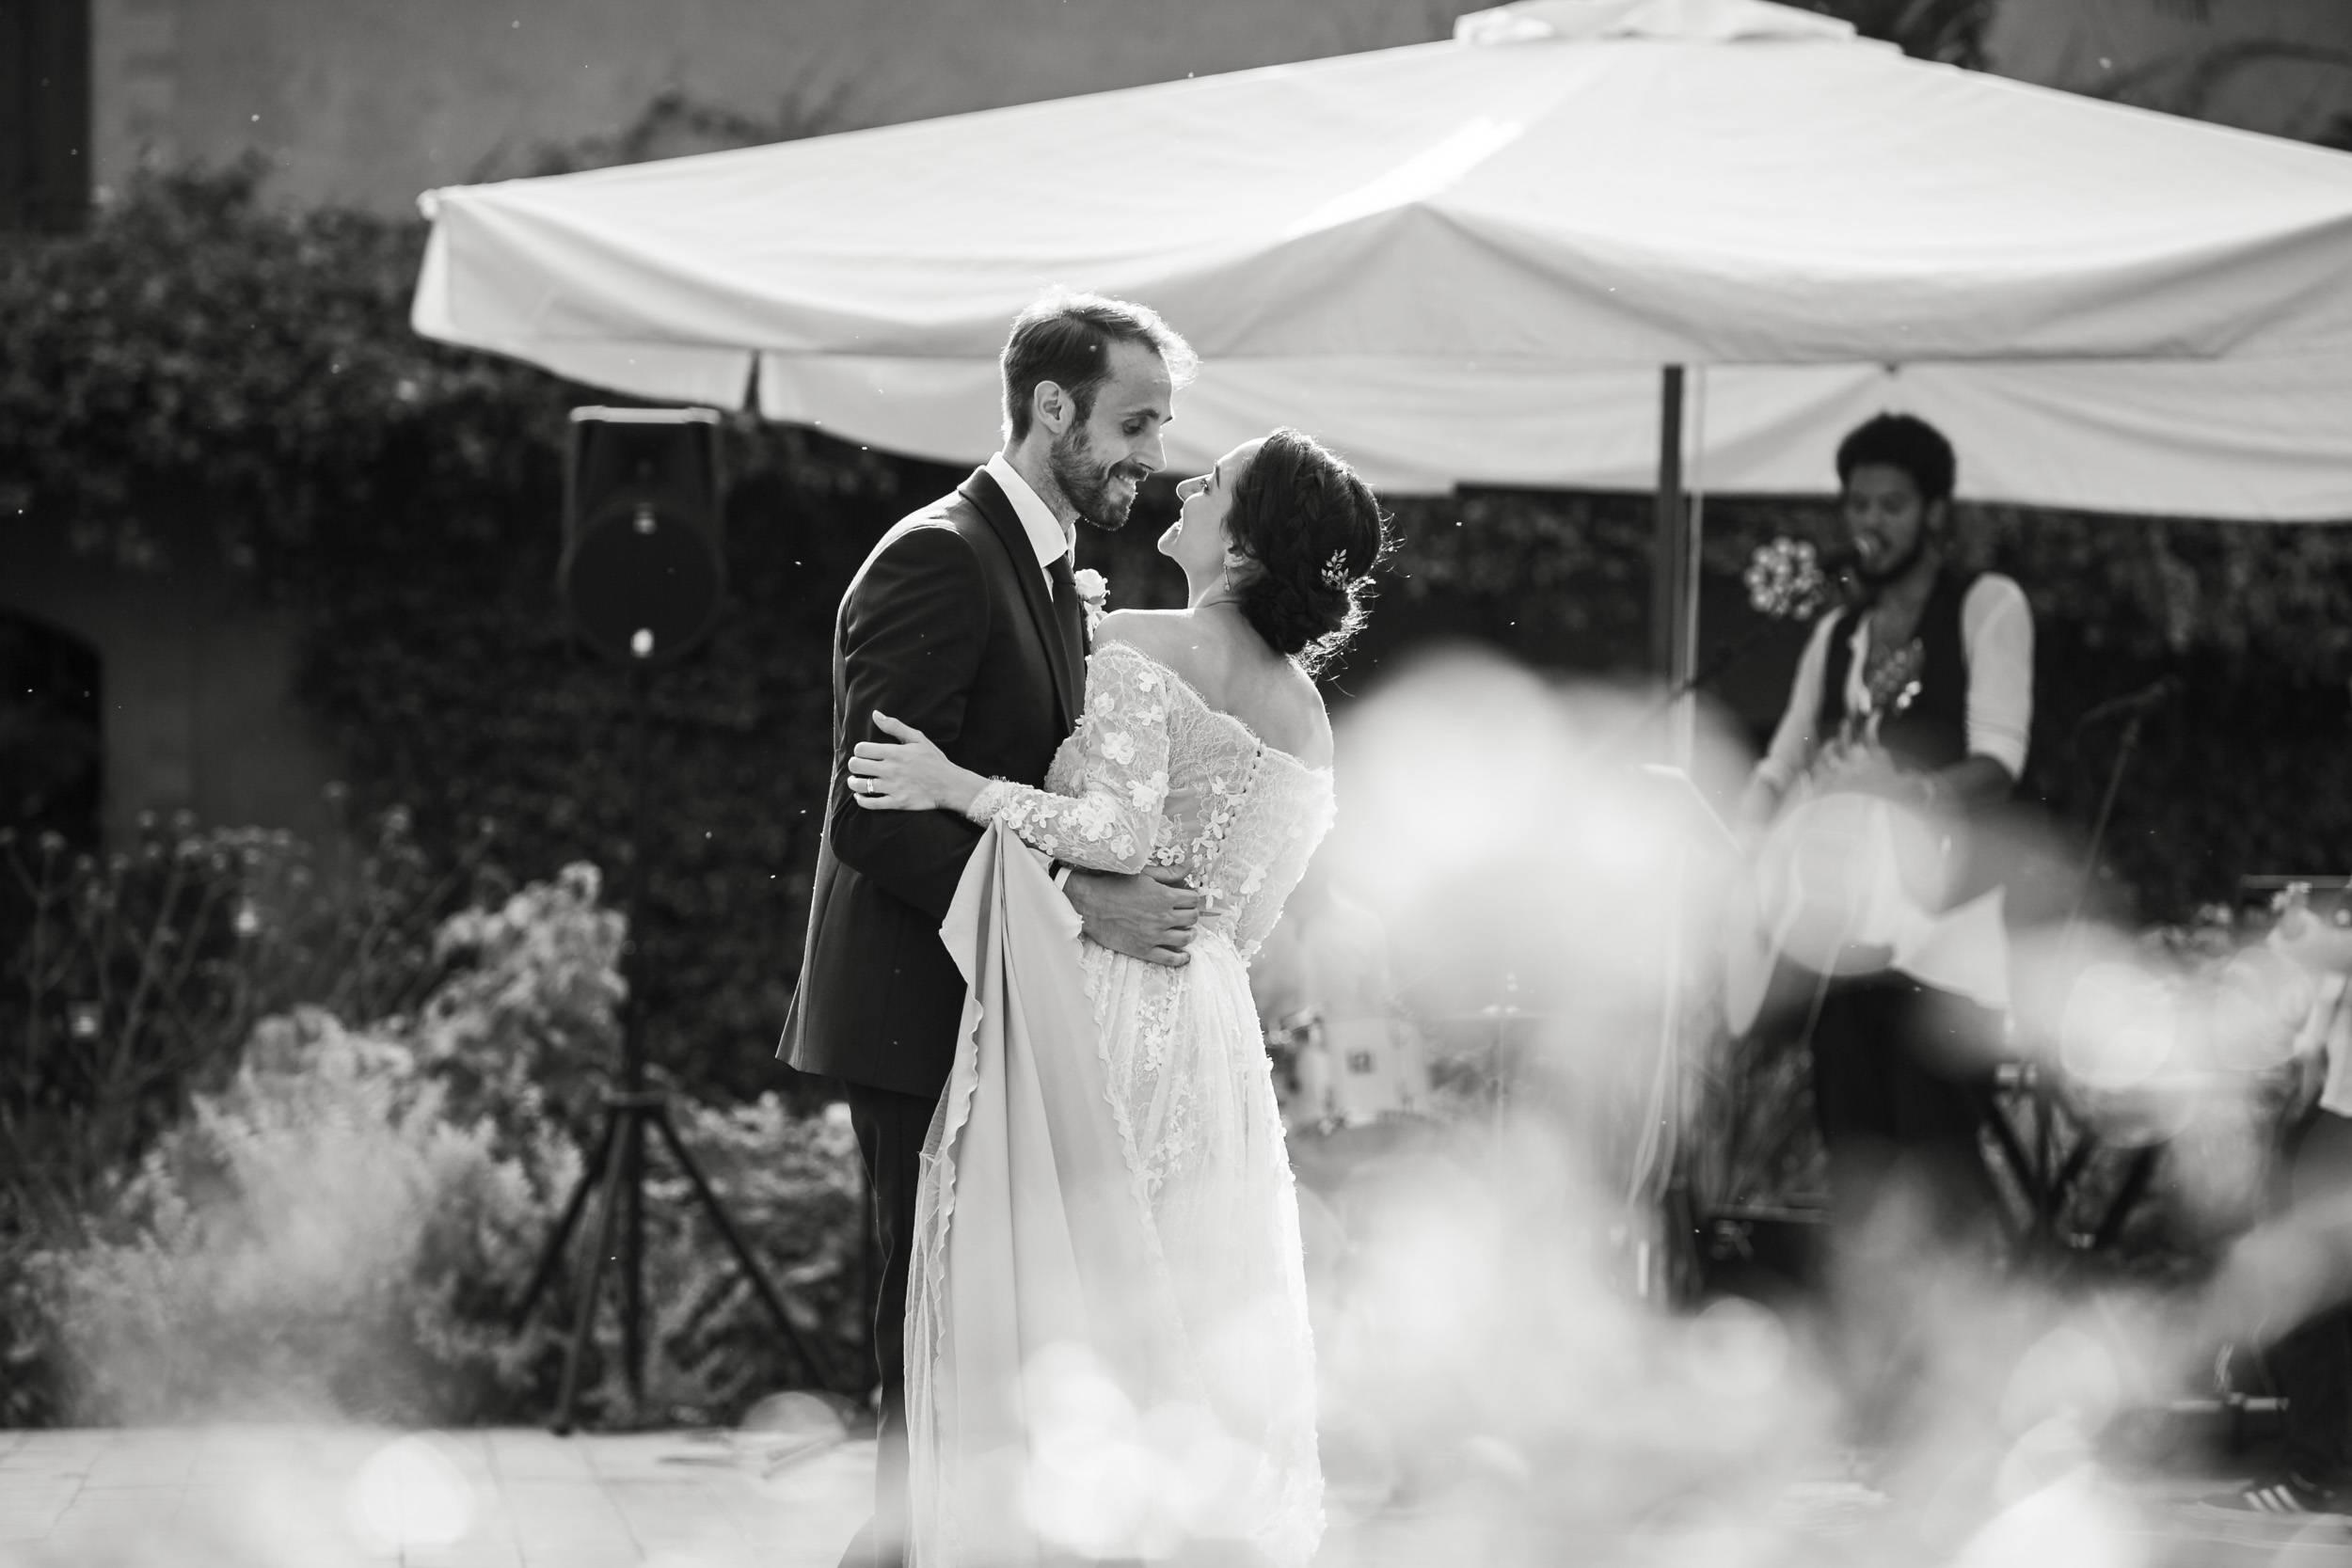 matrimonio_convento_annunciata_BA-060